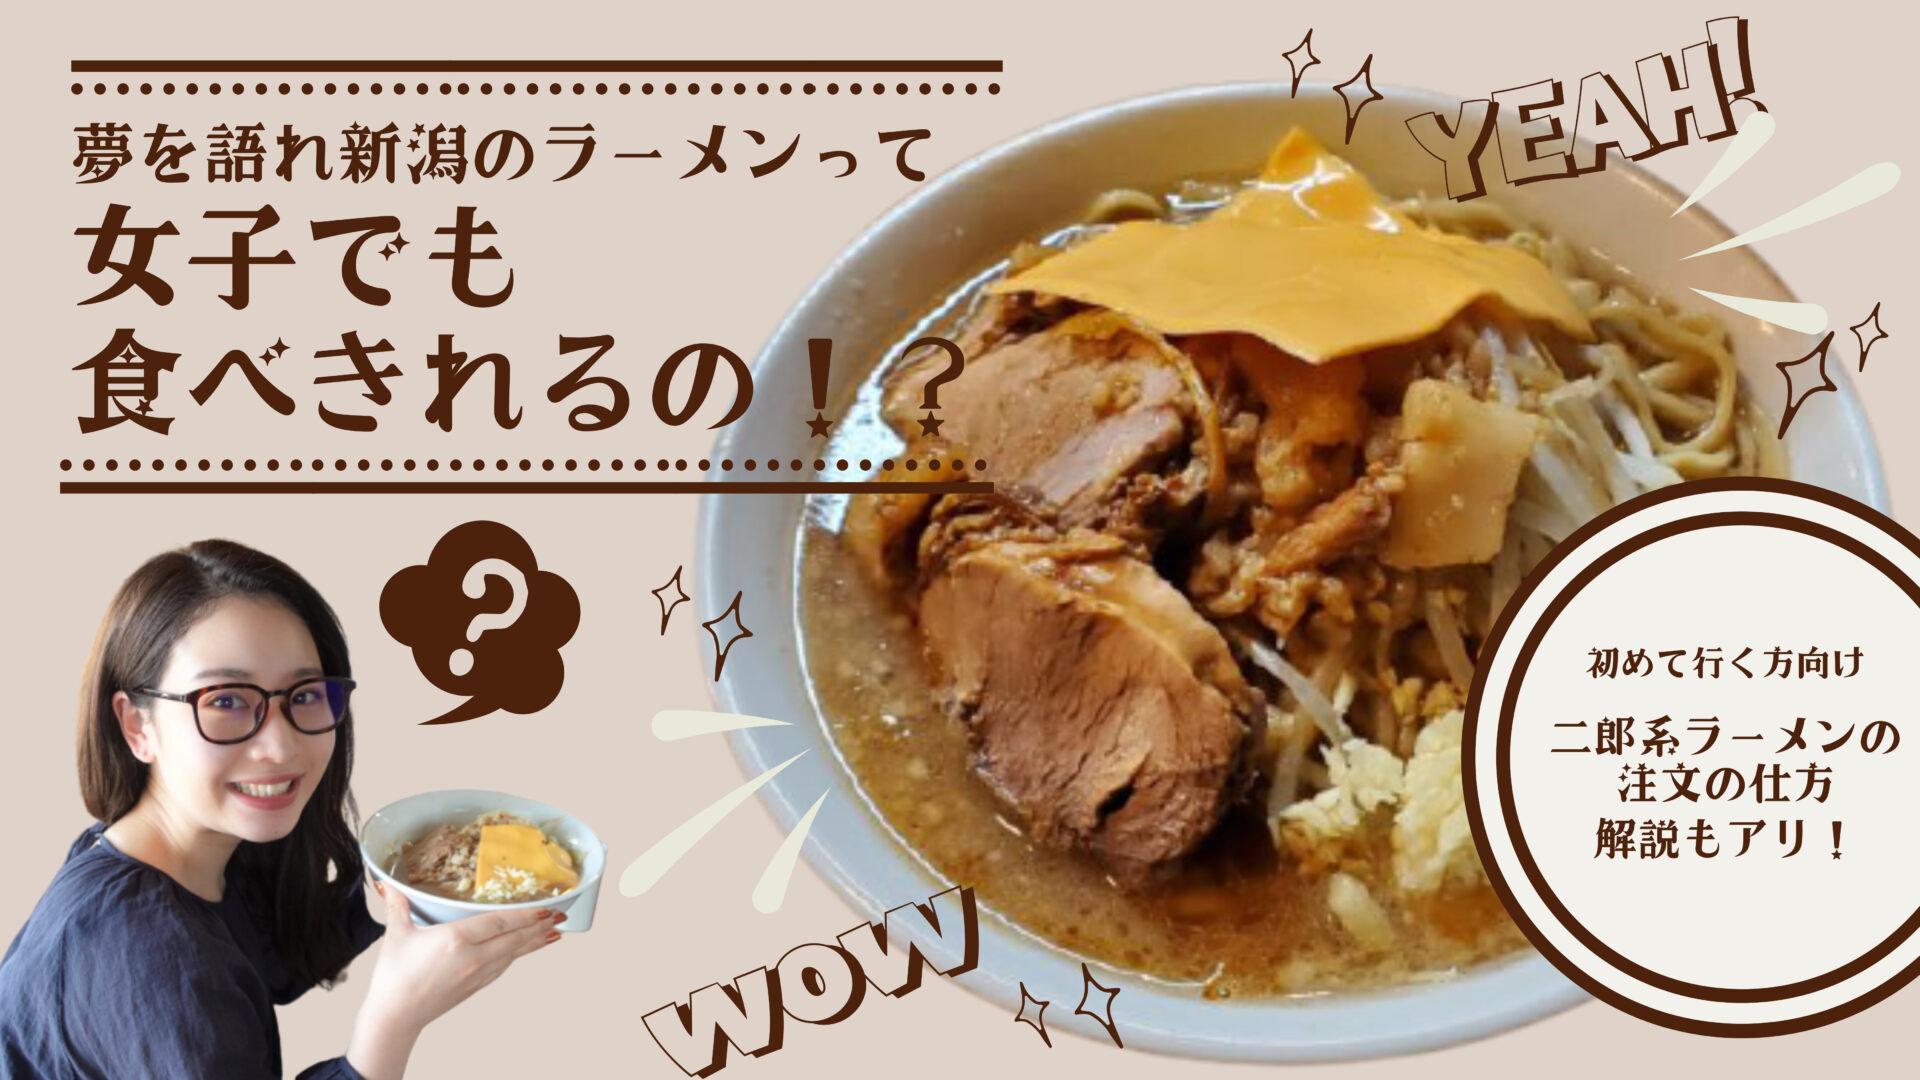 【夢を語れ新潟】二郎インスパイア系ラーメンは女子でも食べ切れるのか!?初めての人向け注文の仕方解説アリ